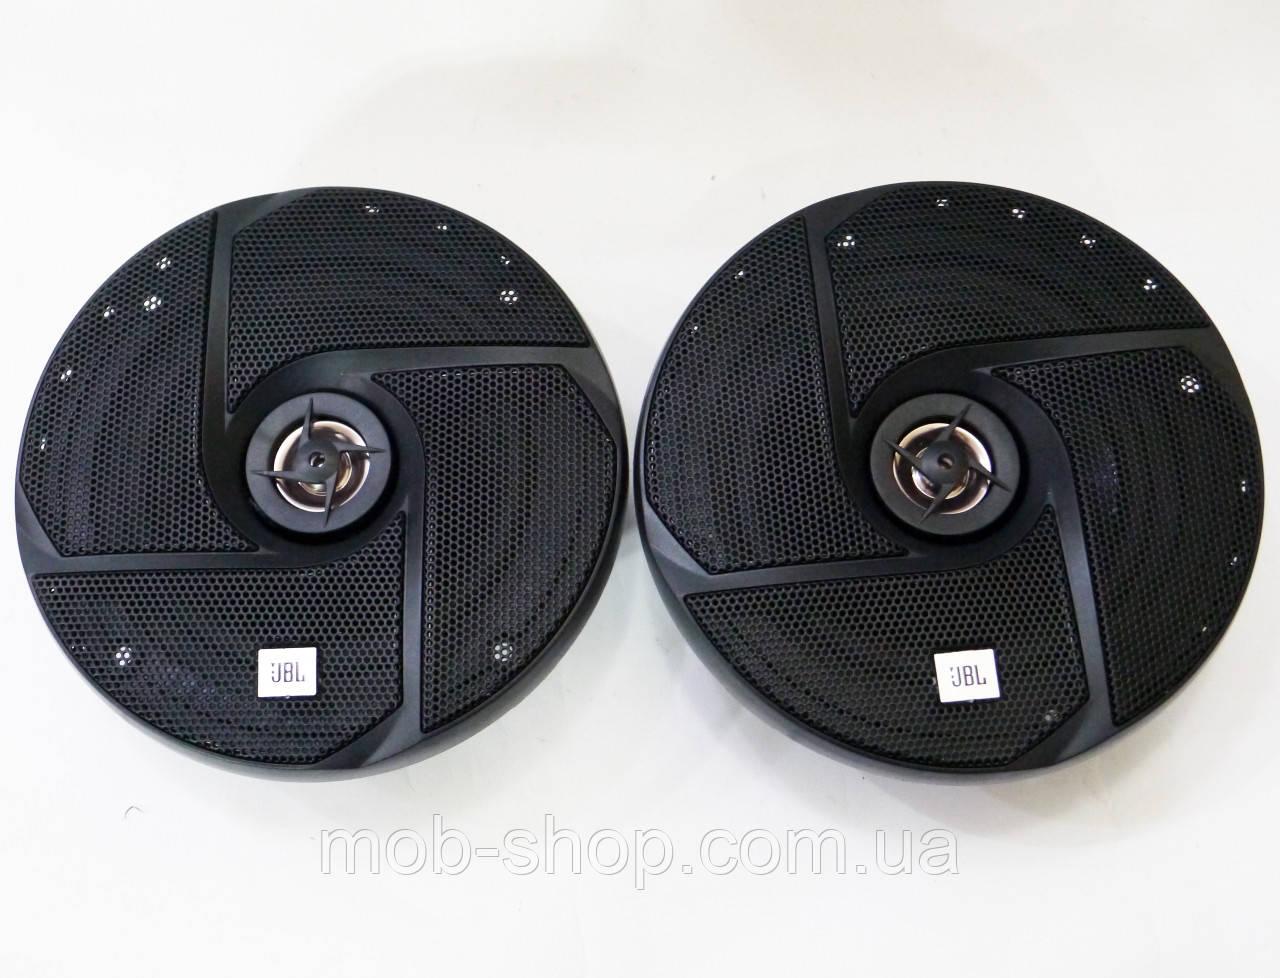 Автомобільні динаміки 13 см JBL GT6-5 (105Вт) (2х полосні динаміки колонки розмір 13см)